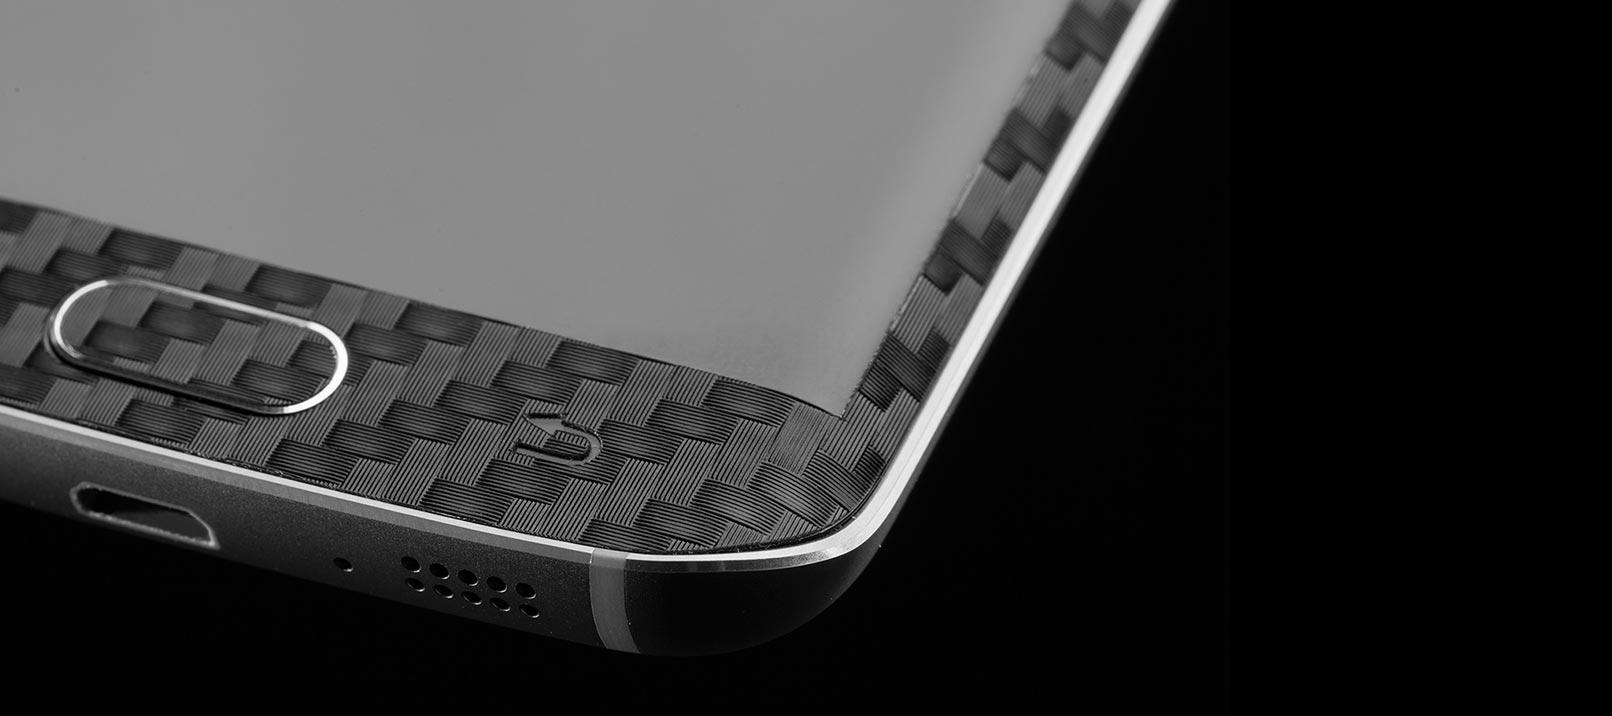 dbrand Samsung Galaxy S6 Edge Carbon Fibre Skin - Black